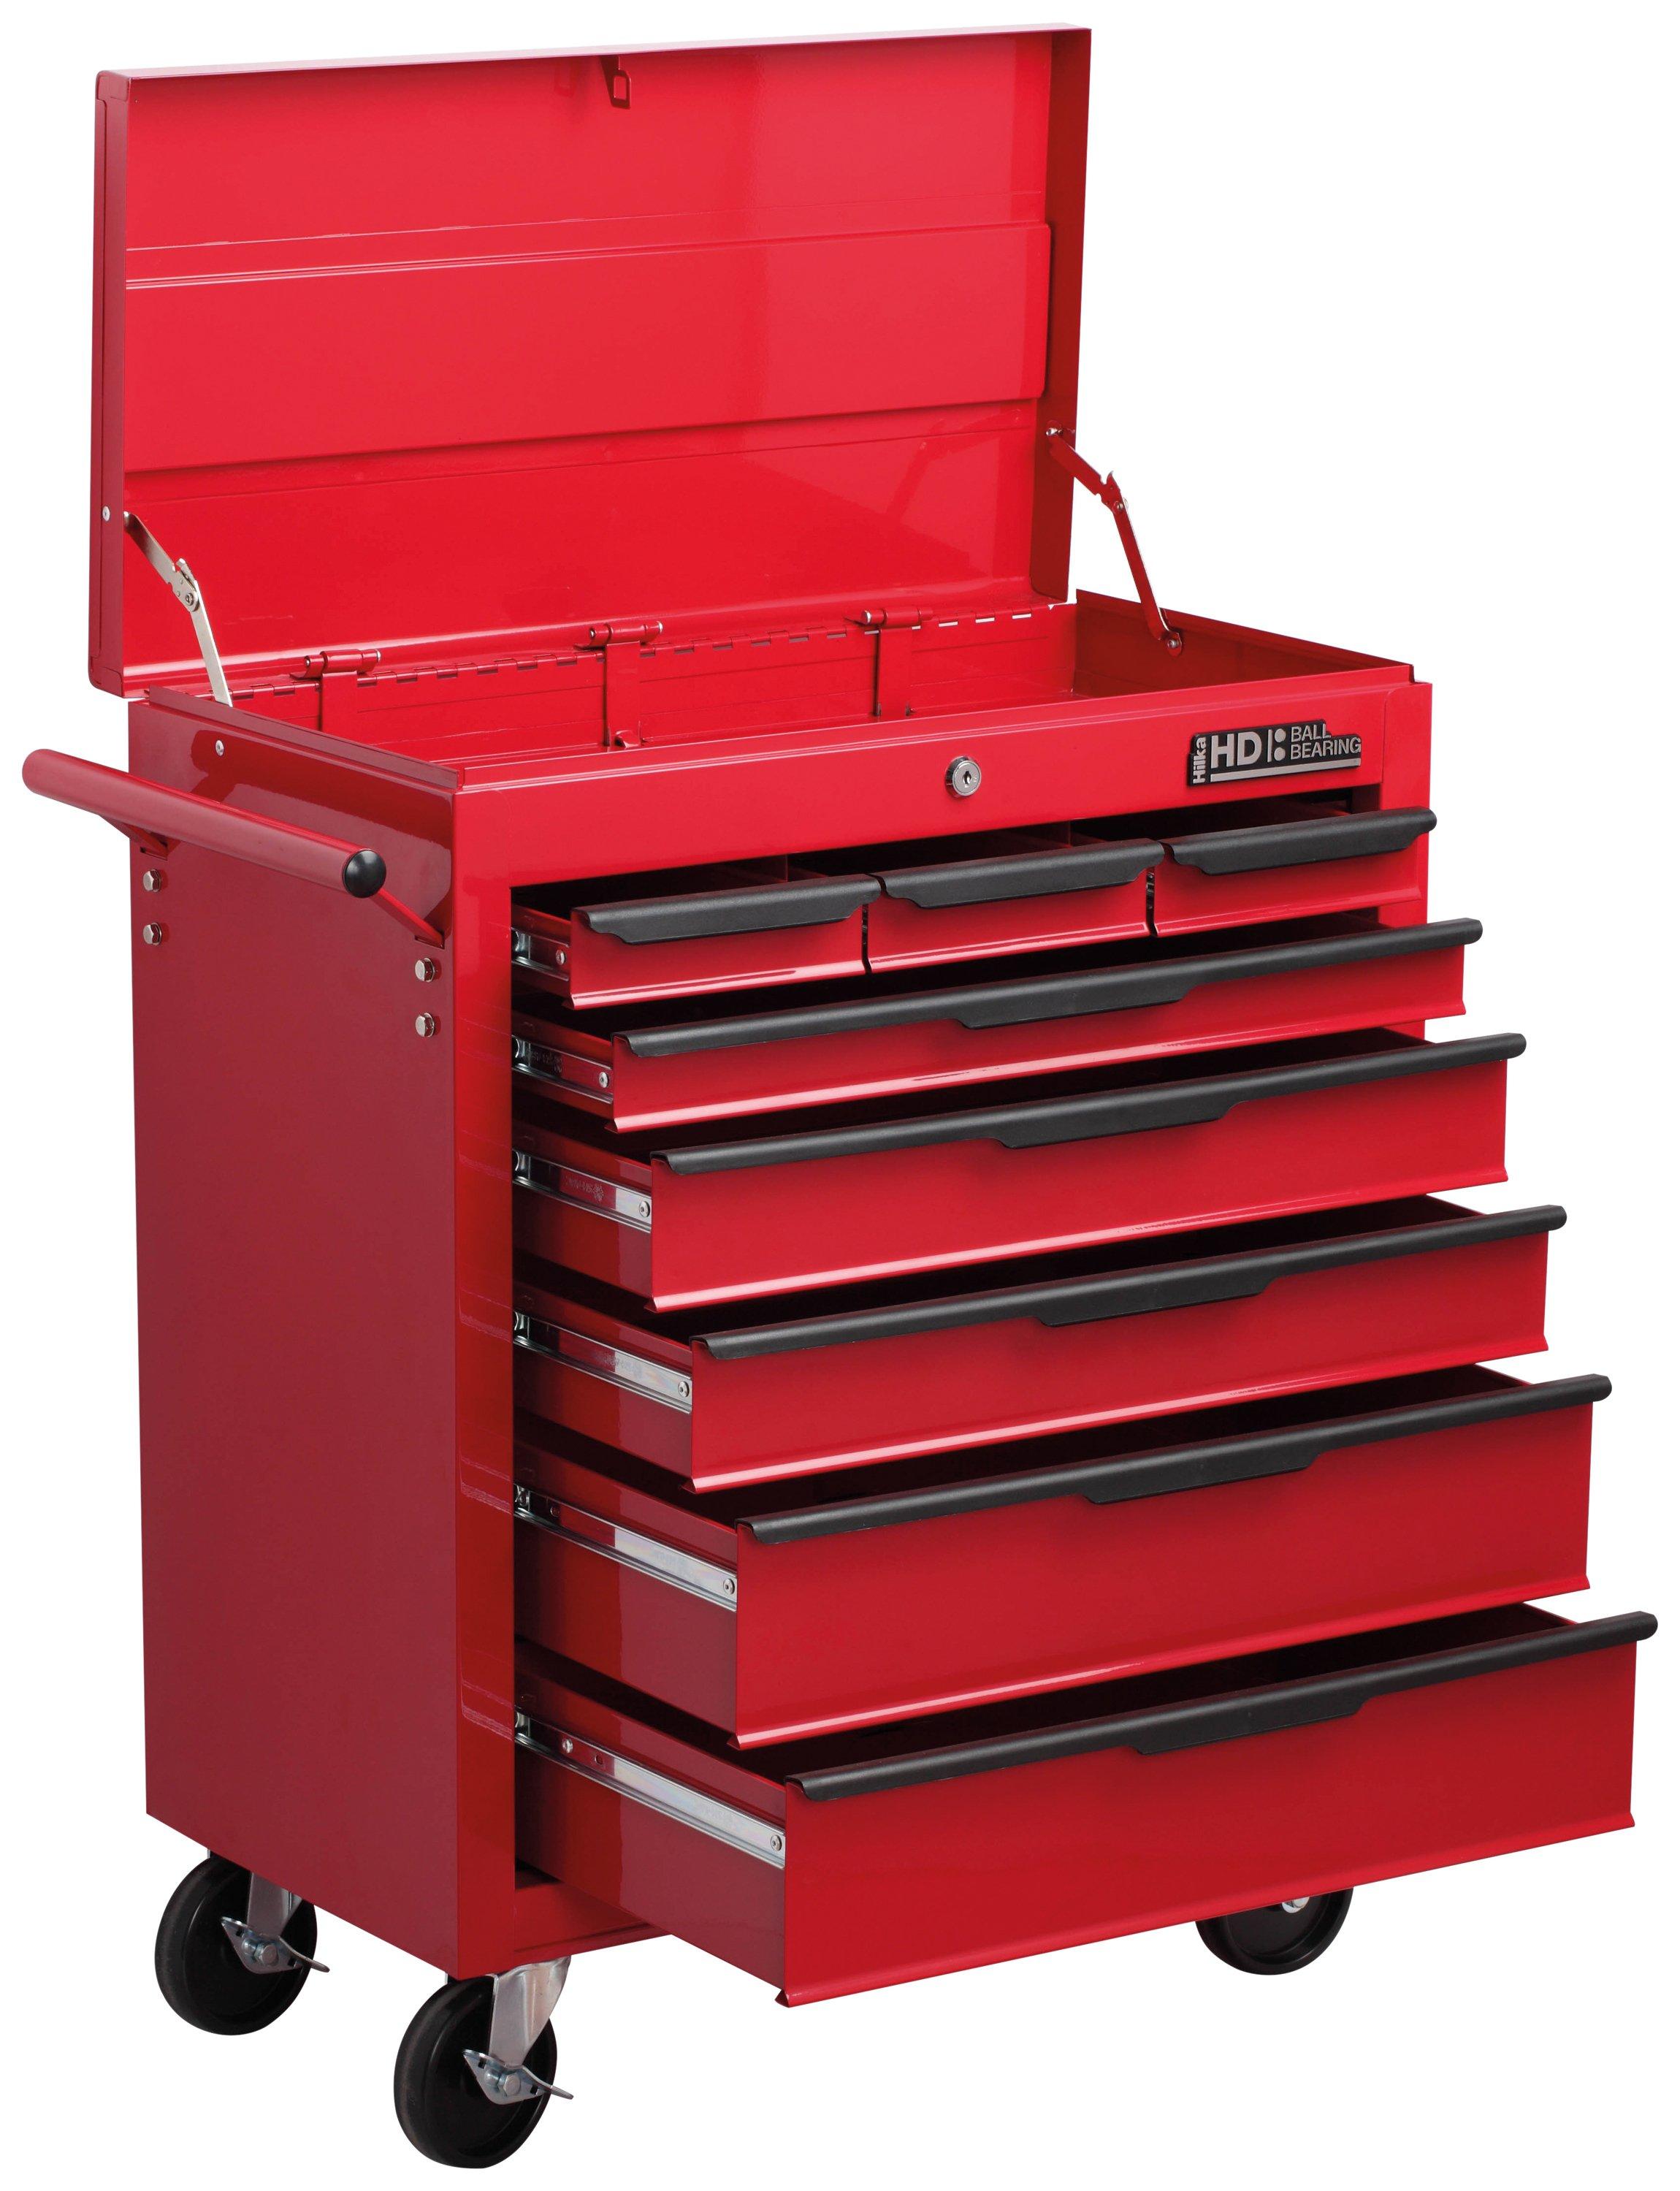 Hilka Heavy Duty 8 Drawer Trolley with Lid Storage